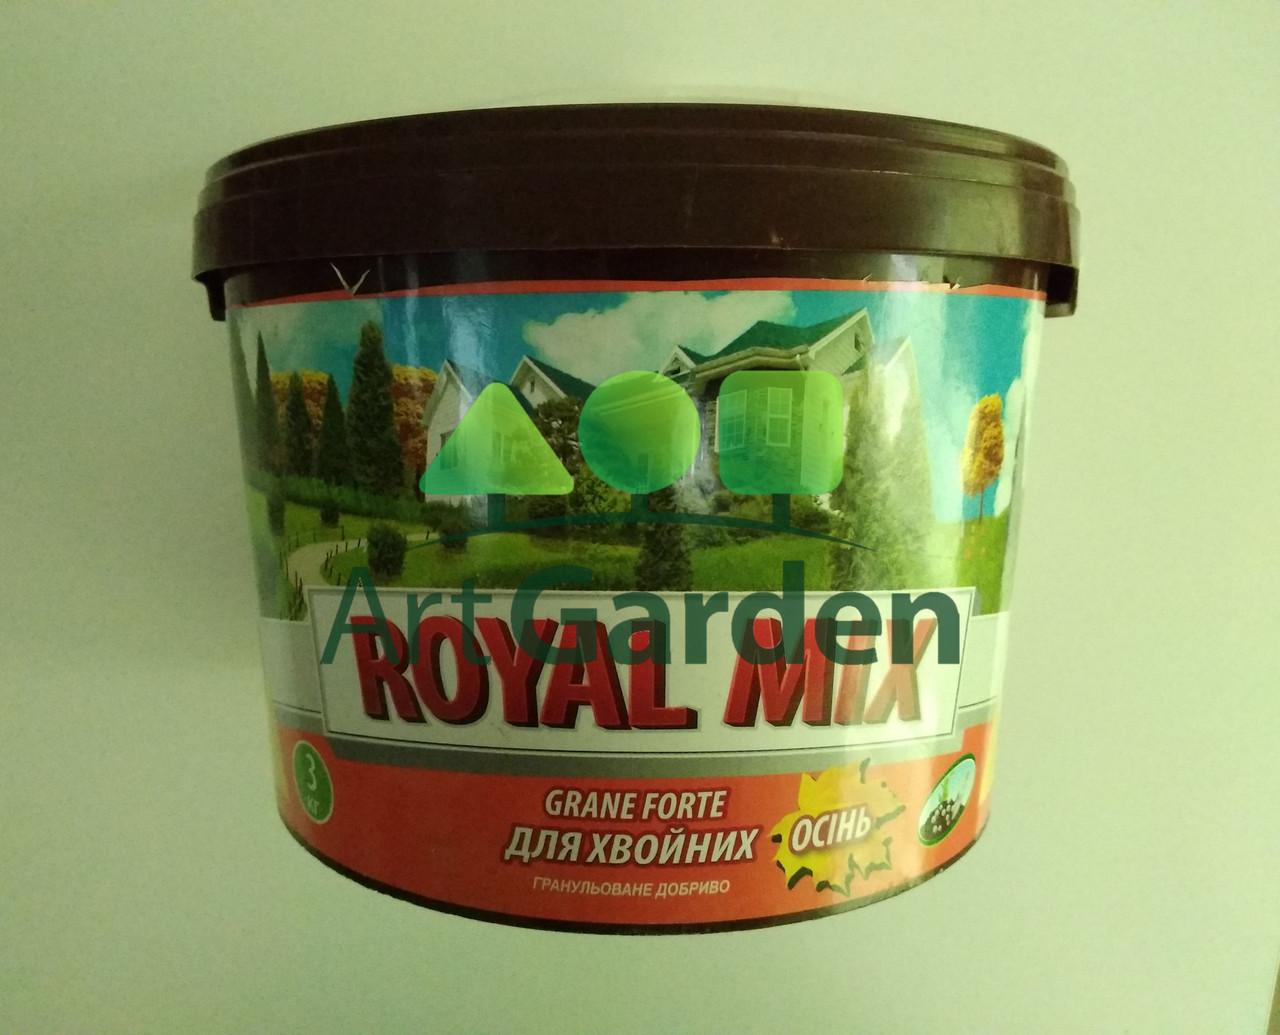 ROYAL MIX GRANE FORTE для хвойних рослин осіннє 3кг